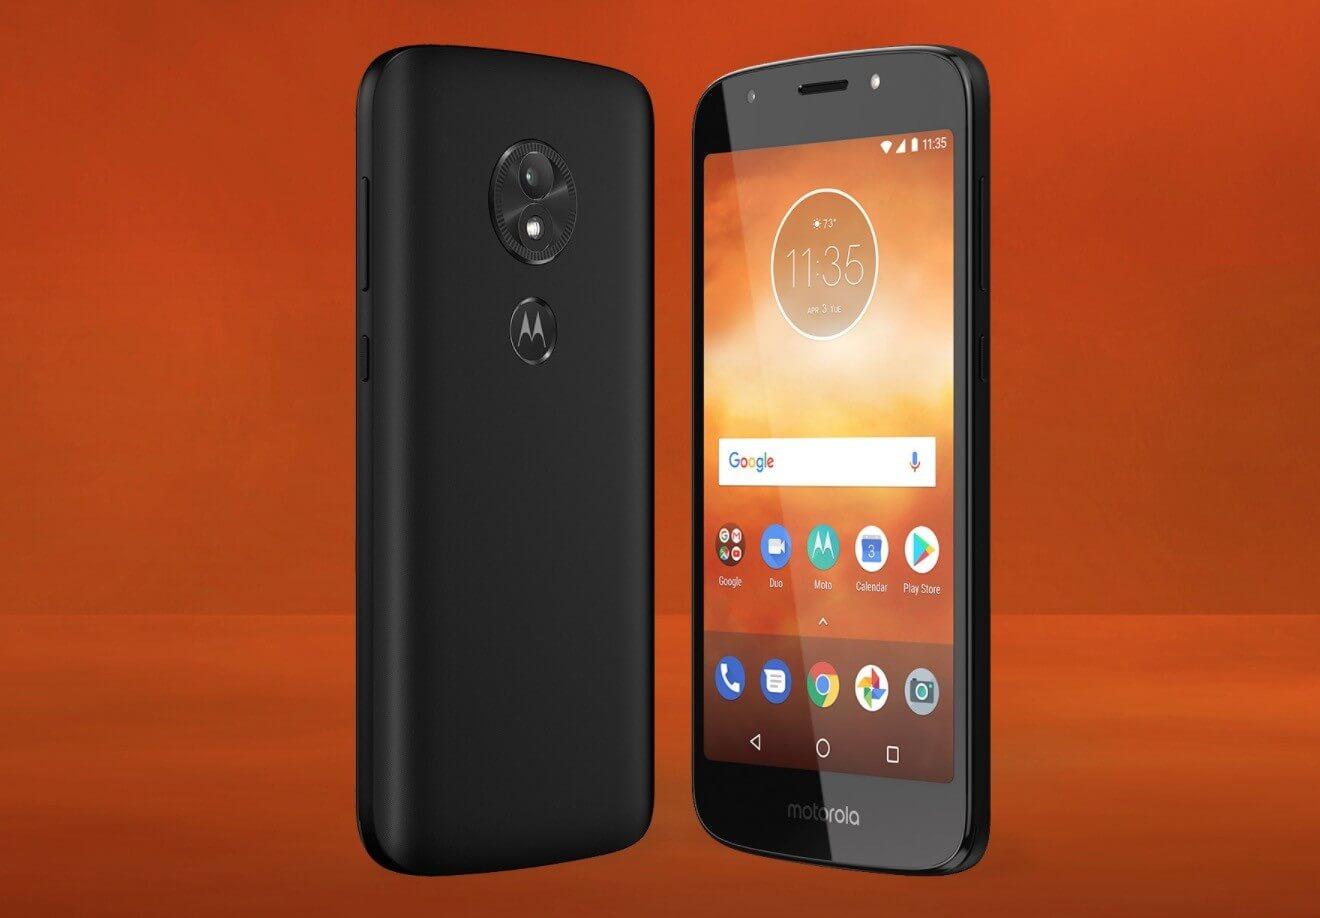 motorola03 - Motorola anuncia versão do Moto E5 Play com Android Go